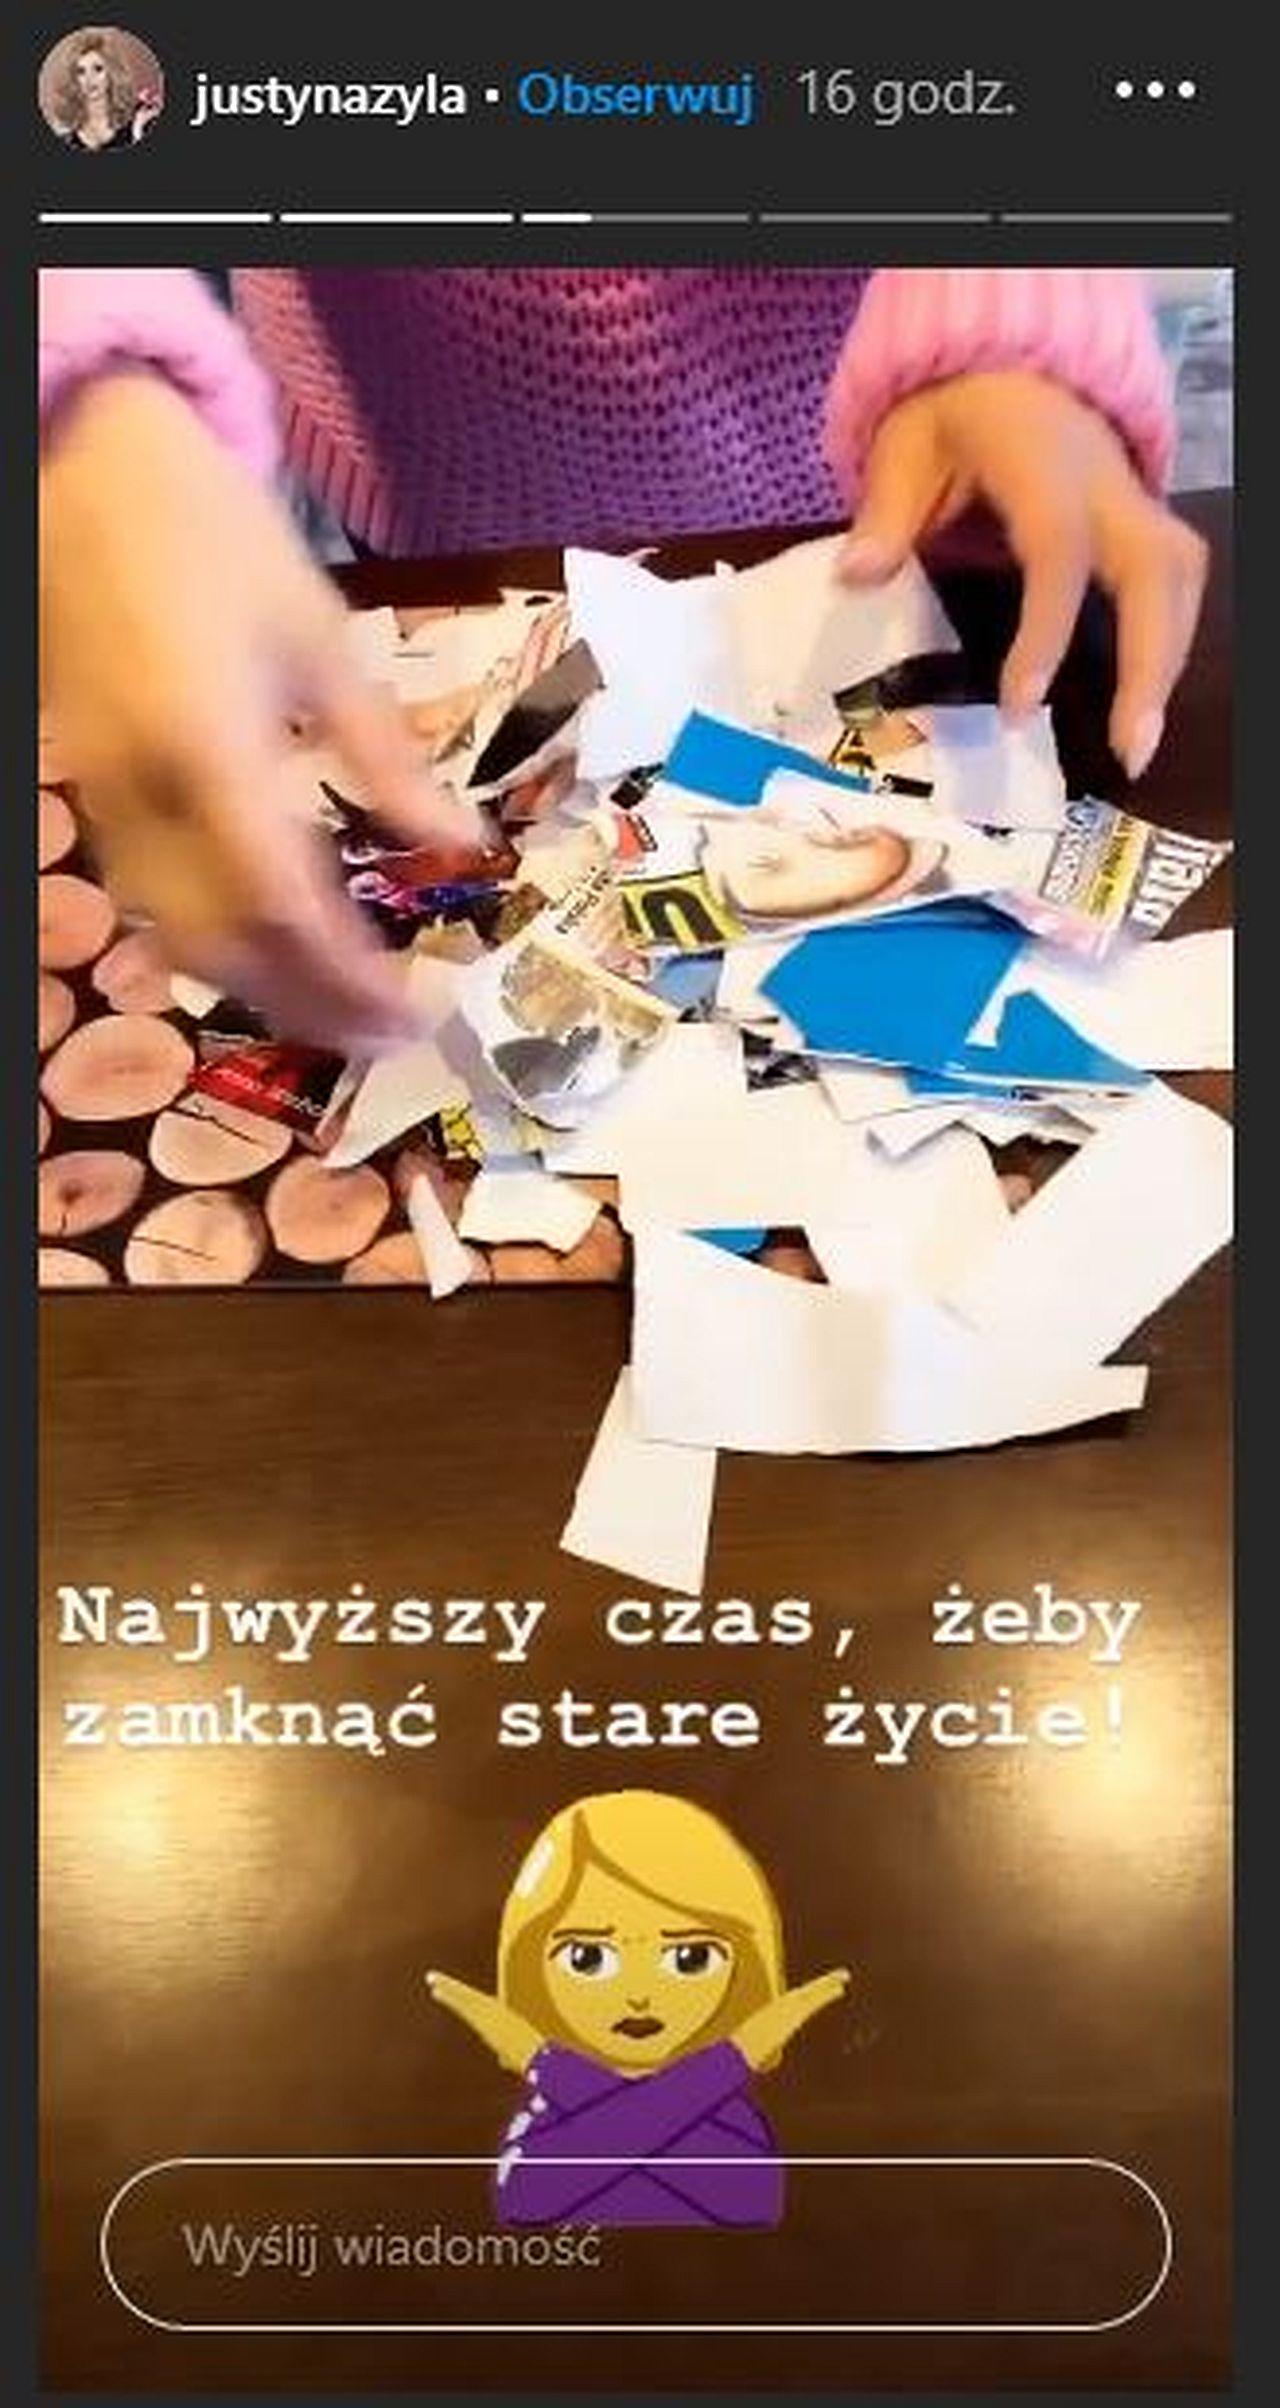 Justyna Żyła niszczy pamiątki po Piotrze